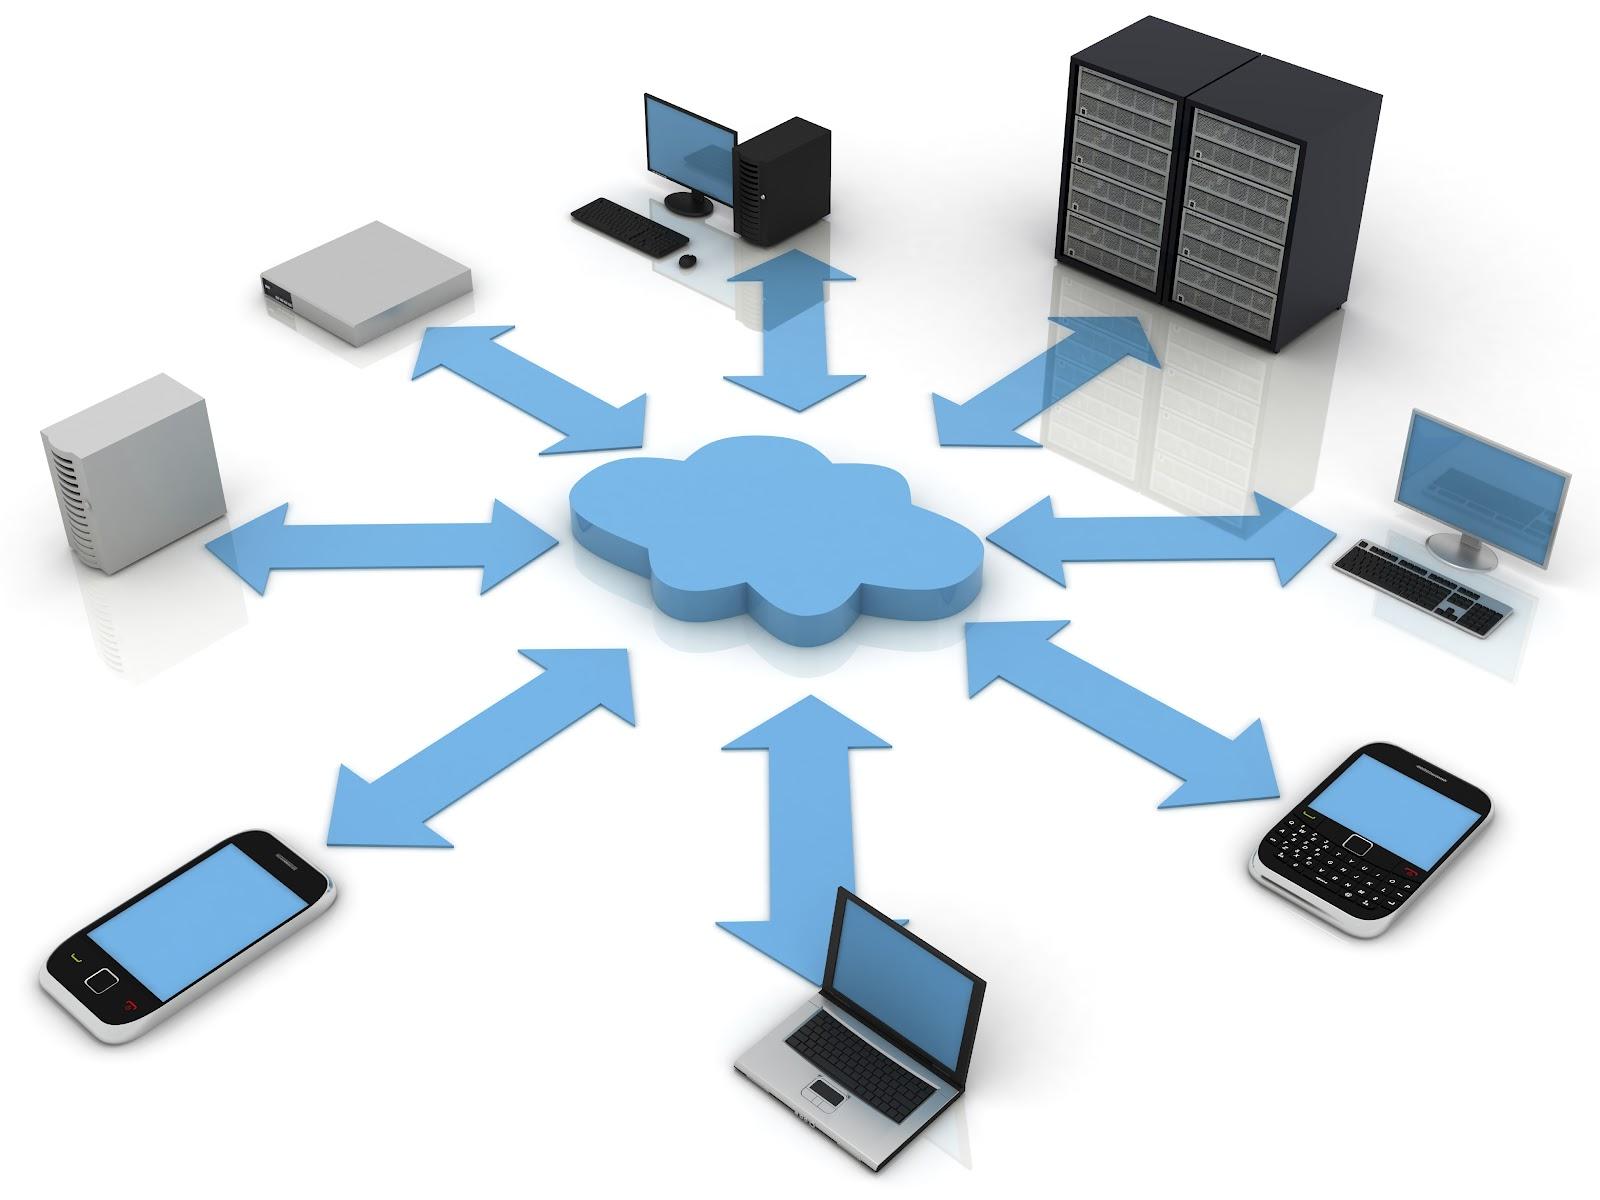 کسب درآمد از اینترنت با آپلود و دانلود فایل